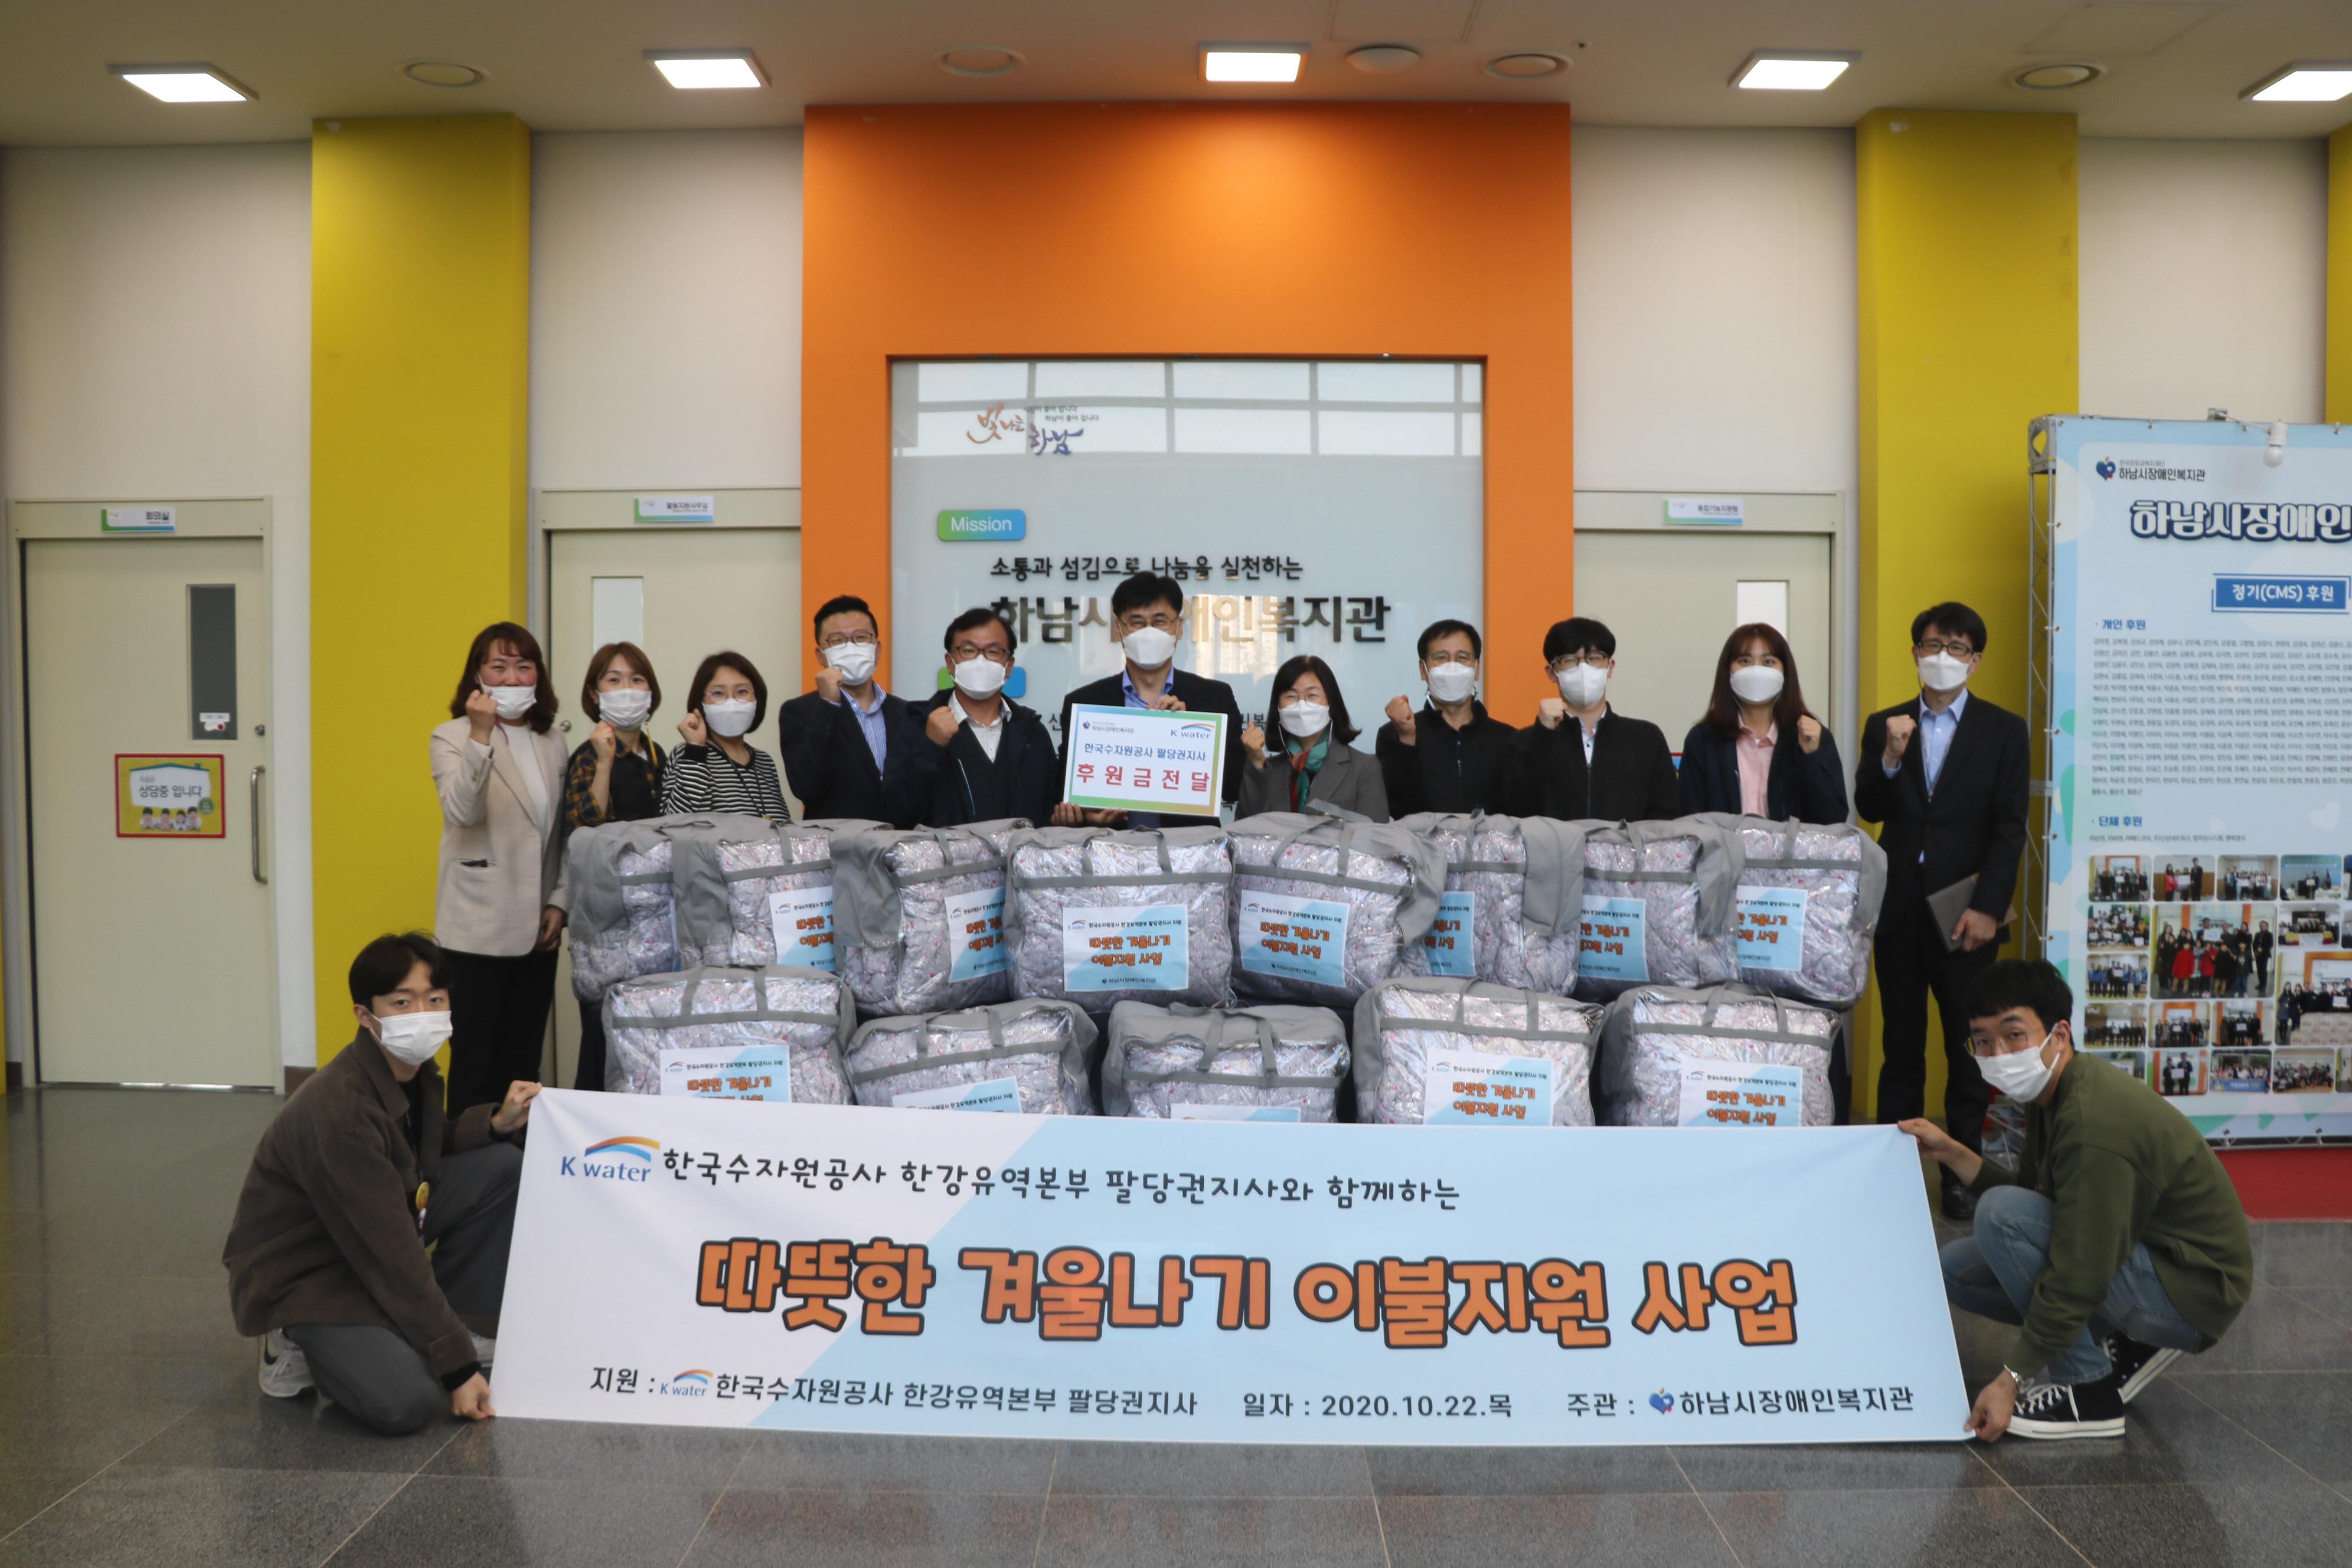 '재가장애인들의 따뜻한 겨울나기를 위한 이불지원' 행사로 하남시장애인복지관에 후원금 전달